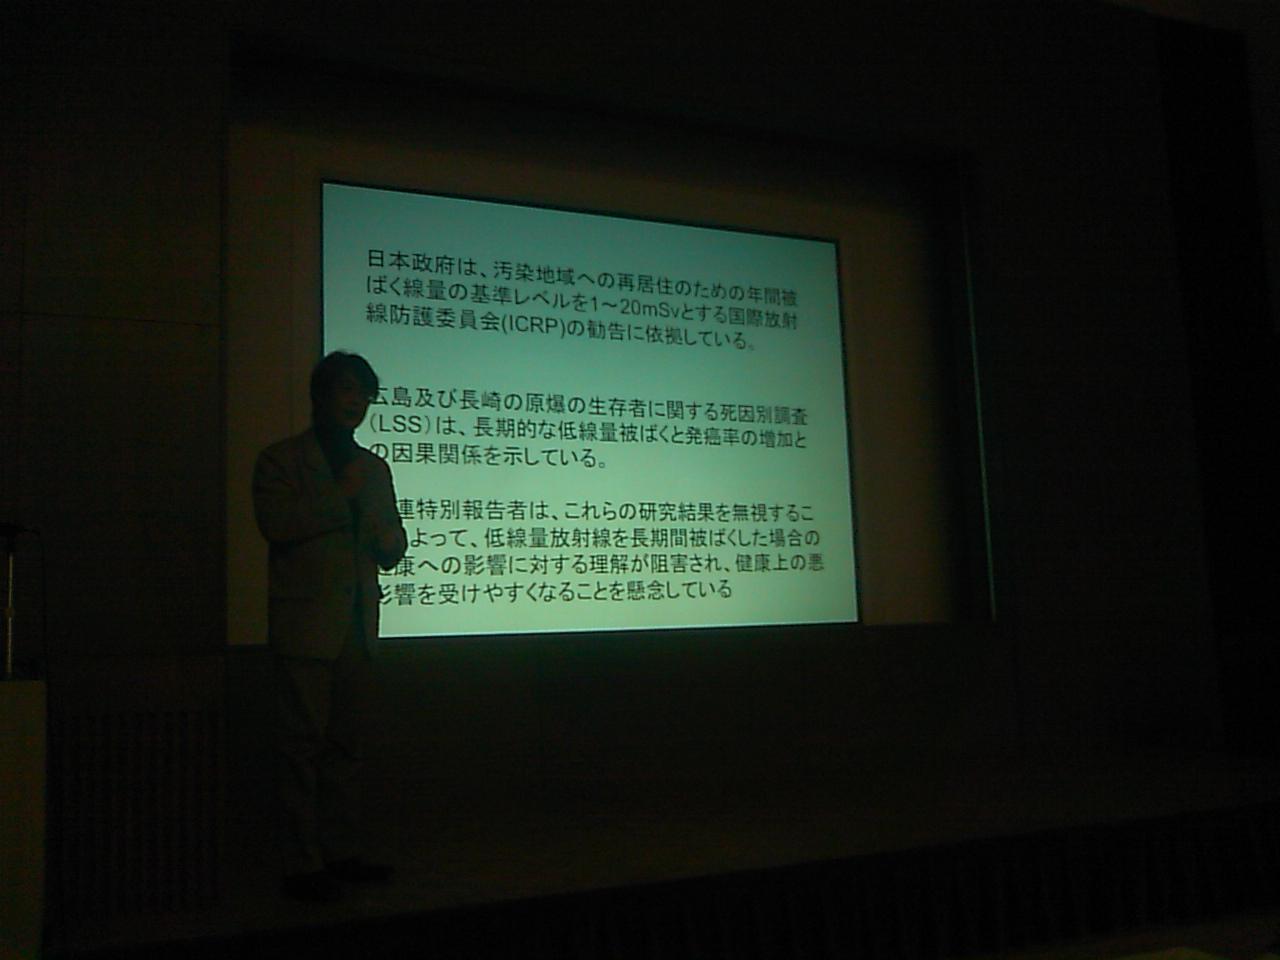 木村真三講演会&たらちね測定報告会_e0068696_22314587.jpg